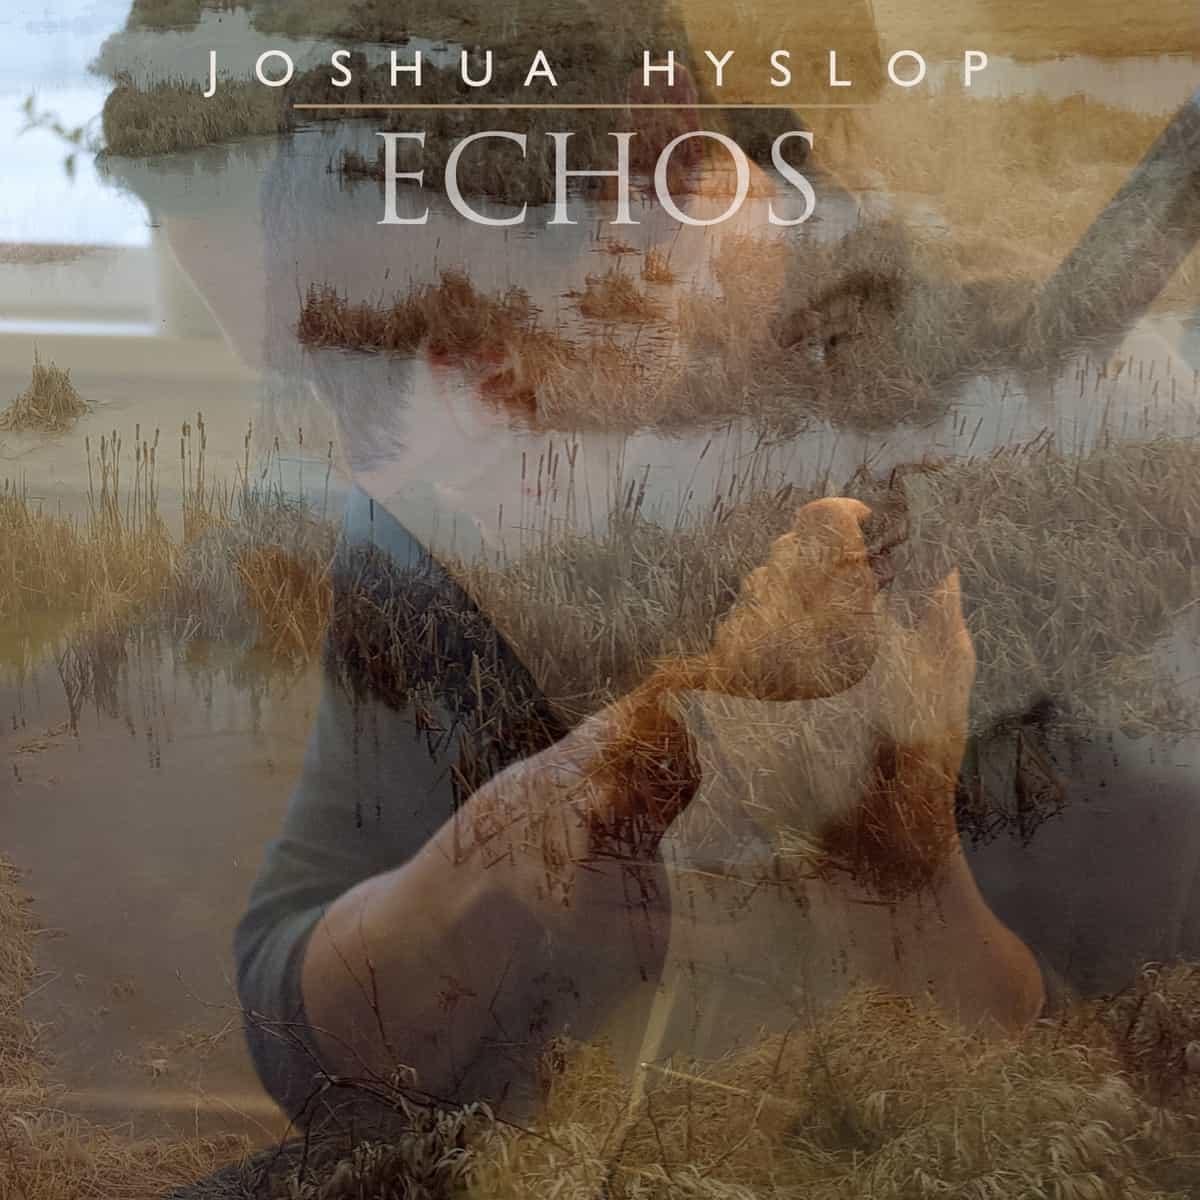 Joshua-Hyslop-Echos.jpg